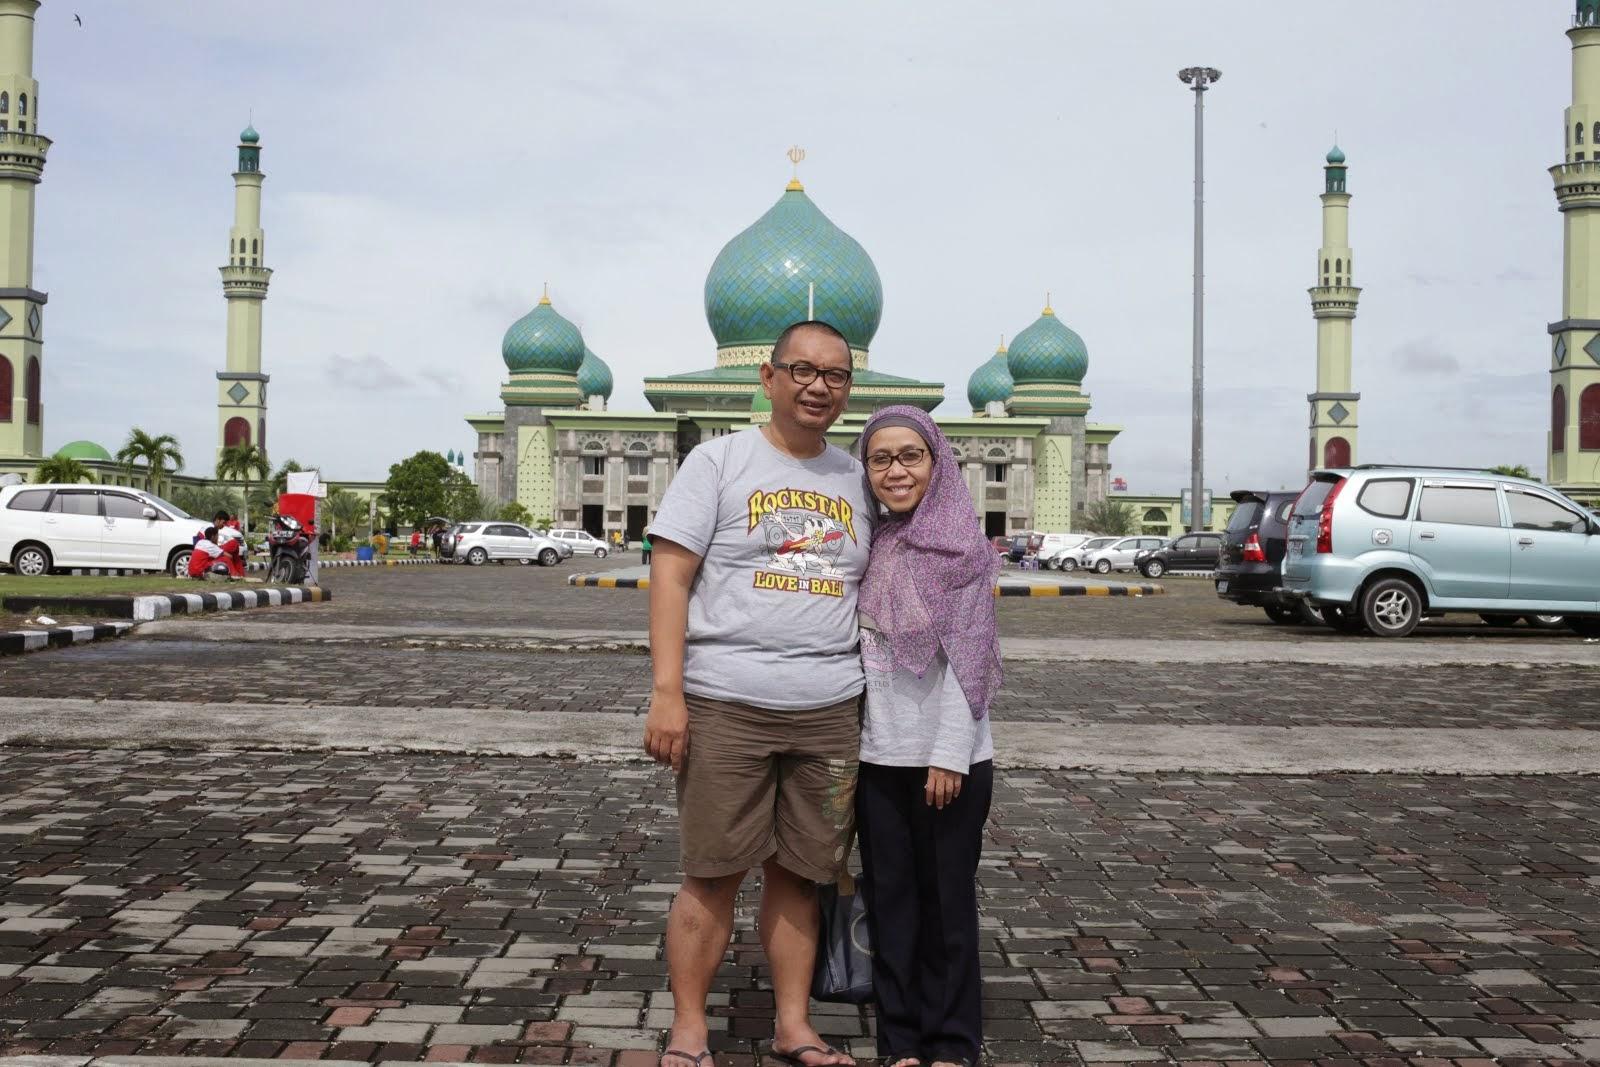 Masjid Raya Pekan Baru